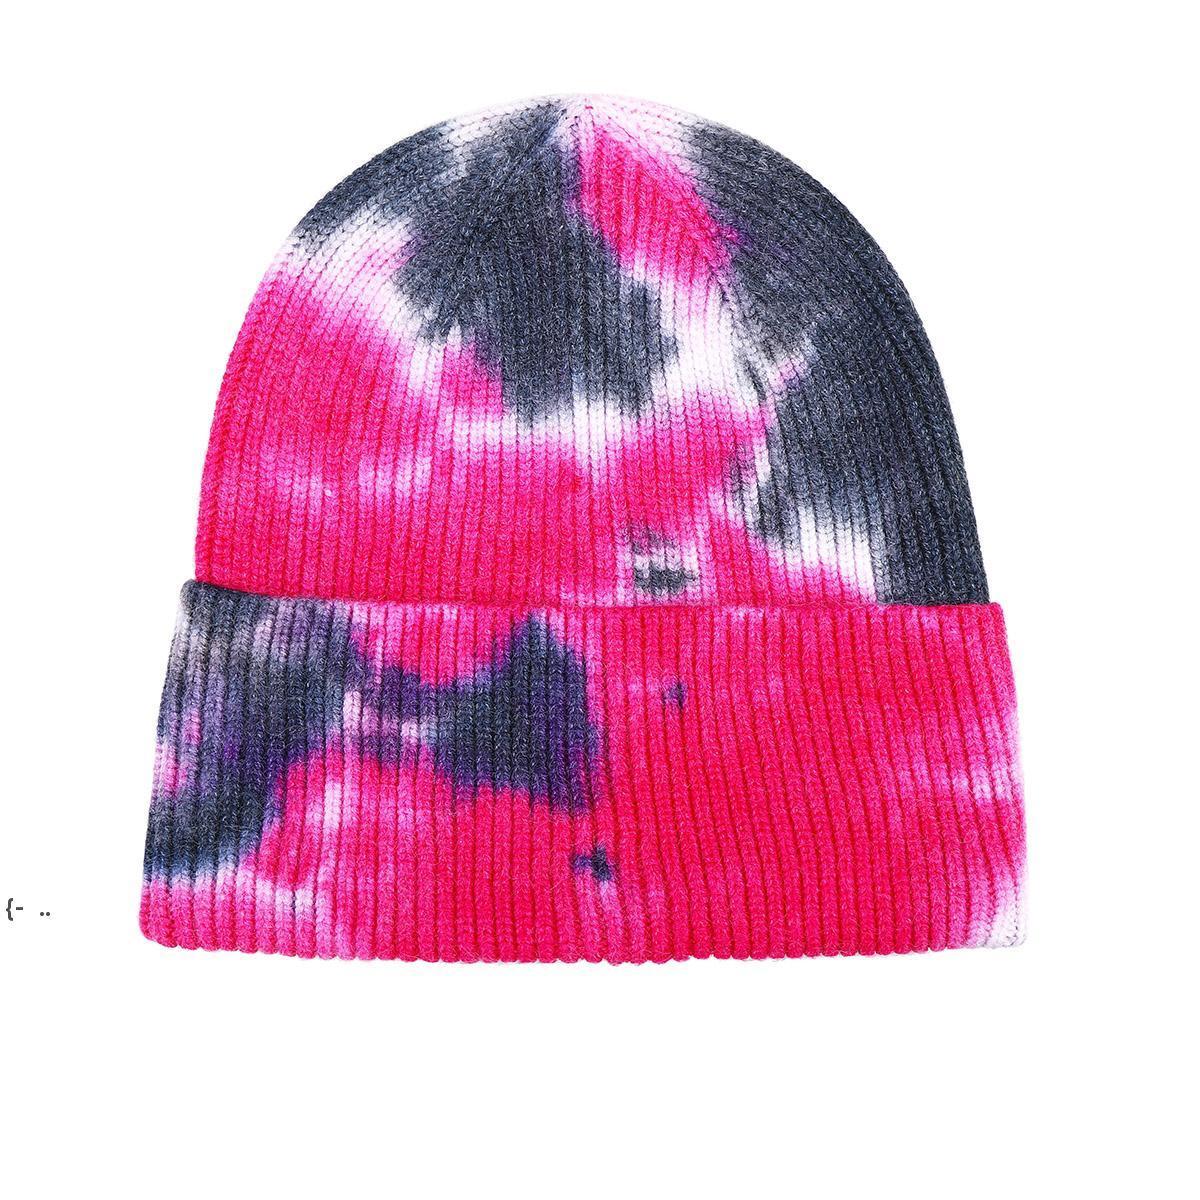 Chapeau tricoté chapeau de ski chapeau de ski hiver ou femme casquettes tricot beanie bewear hip-hop coton chapeau bwe9850